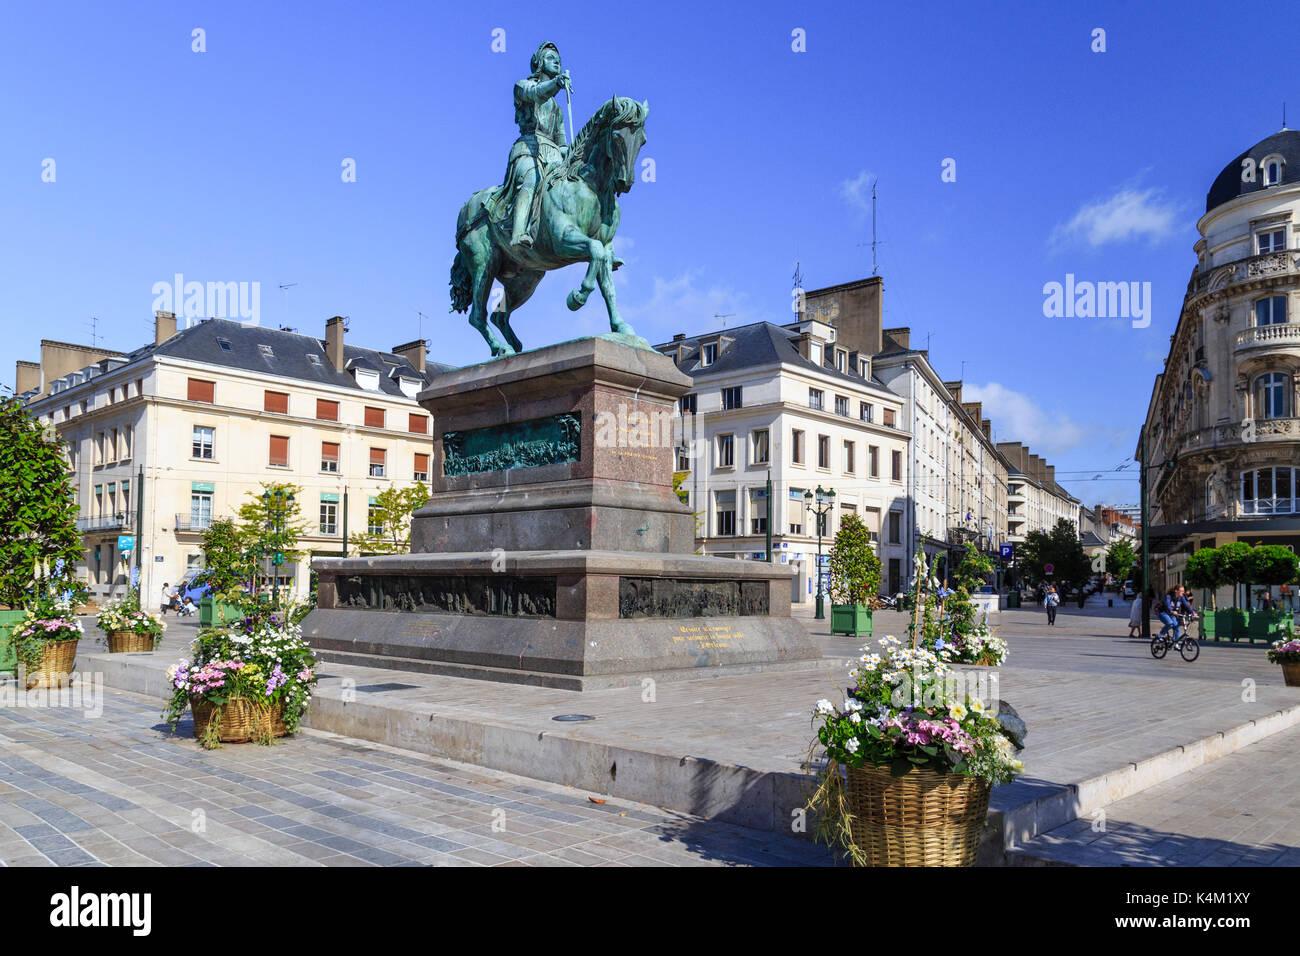 France loiret 45 orl ans place du martroi statue de for Orleans loiret